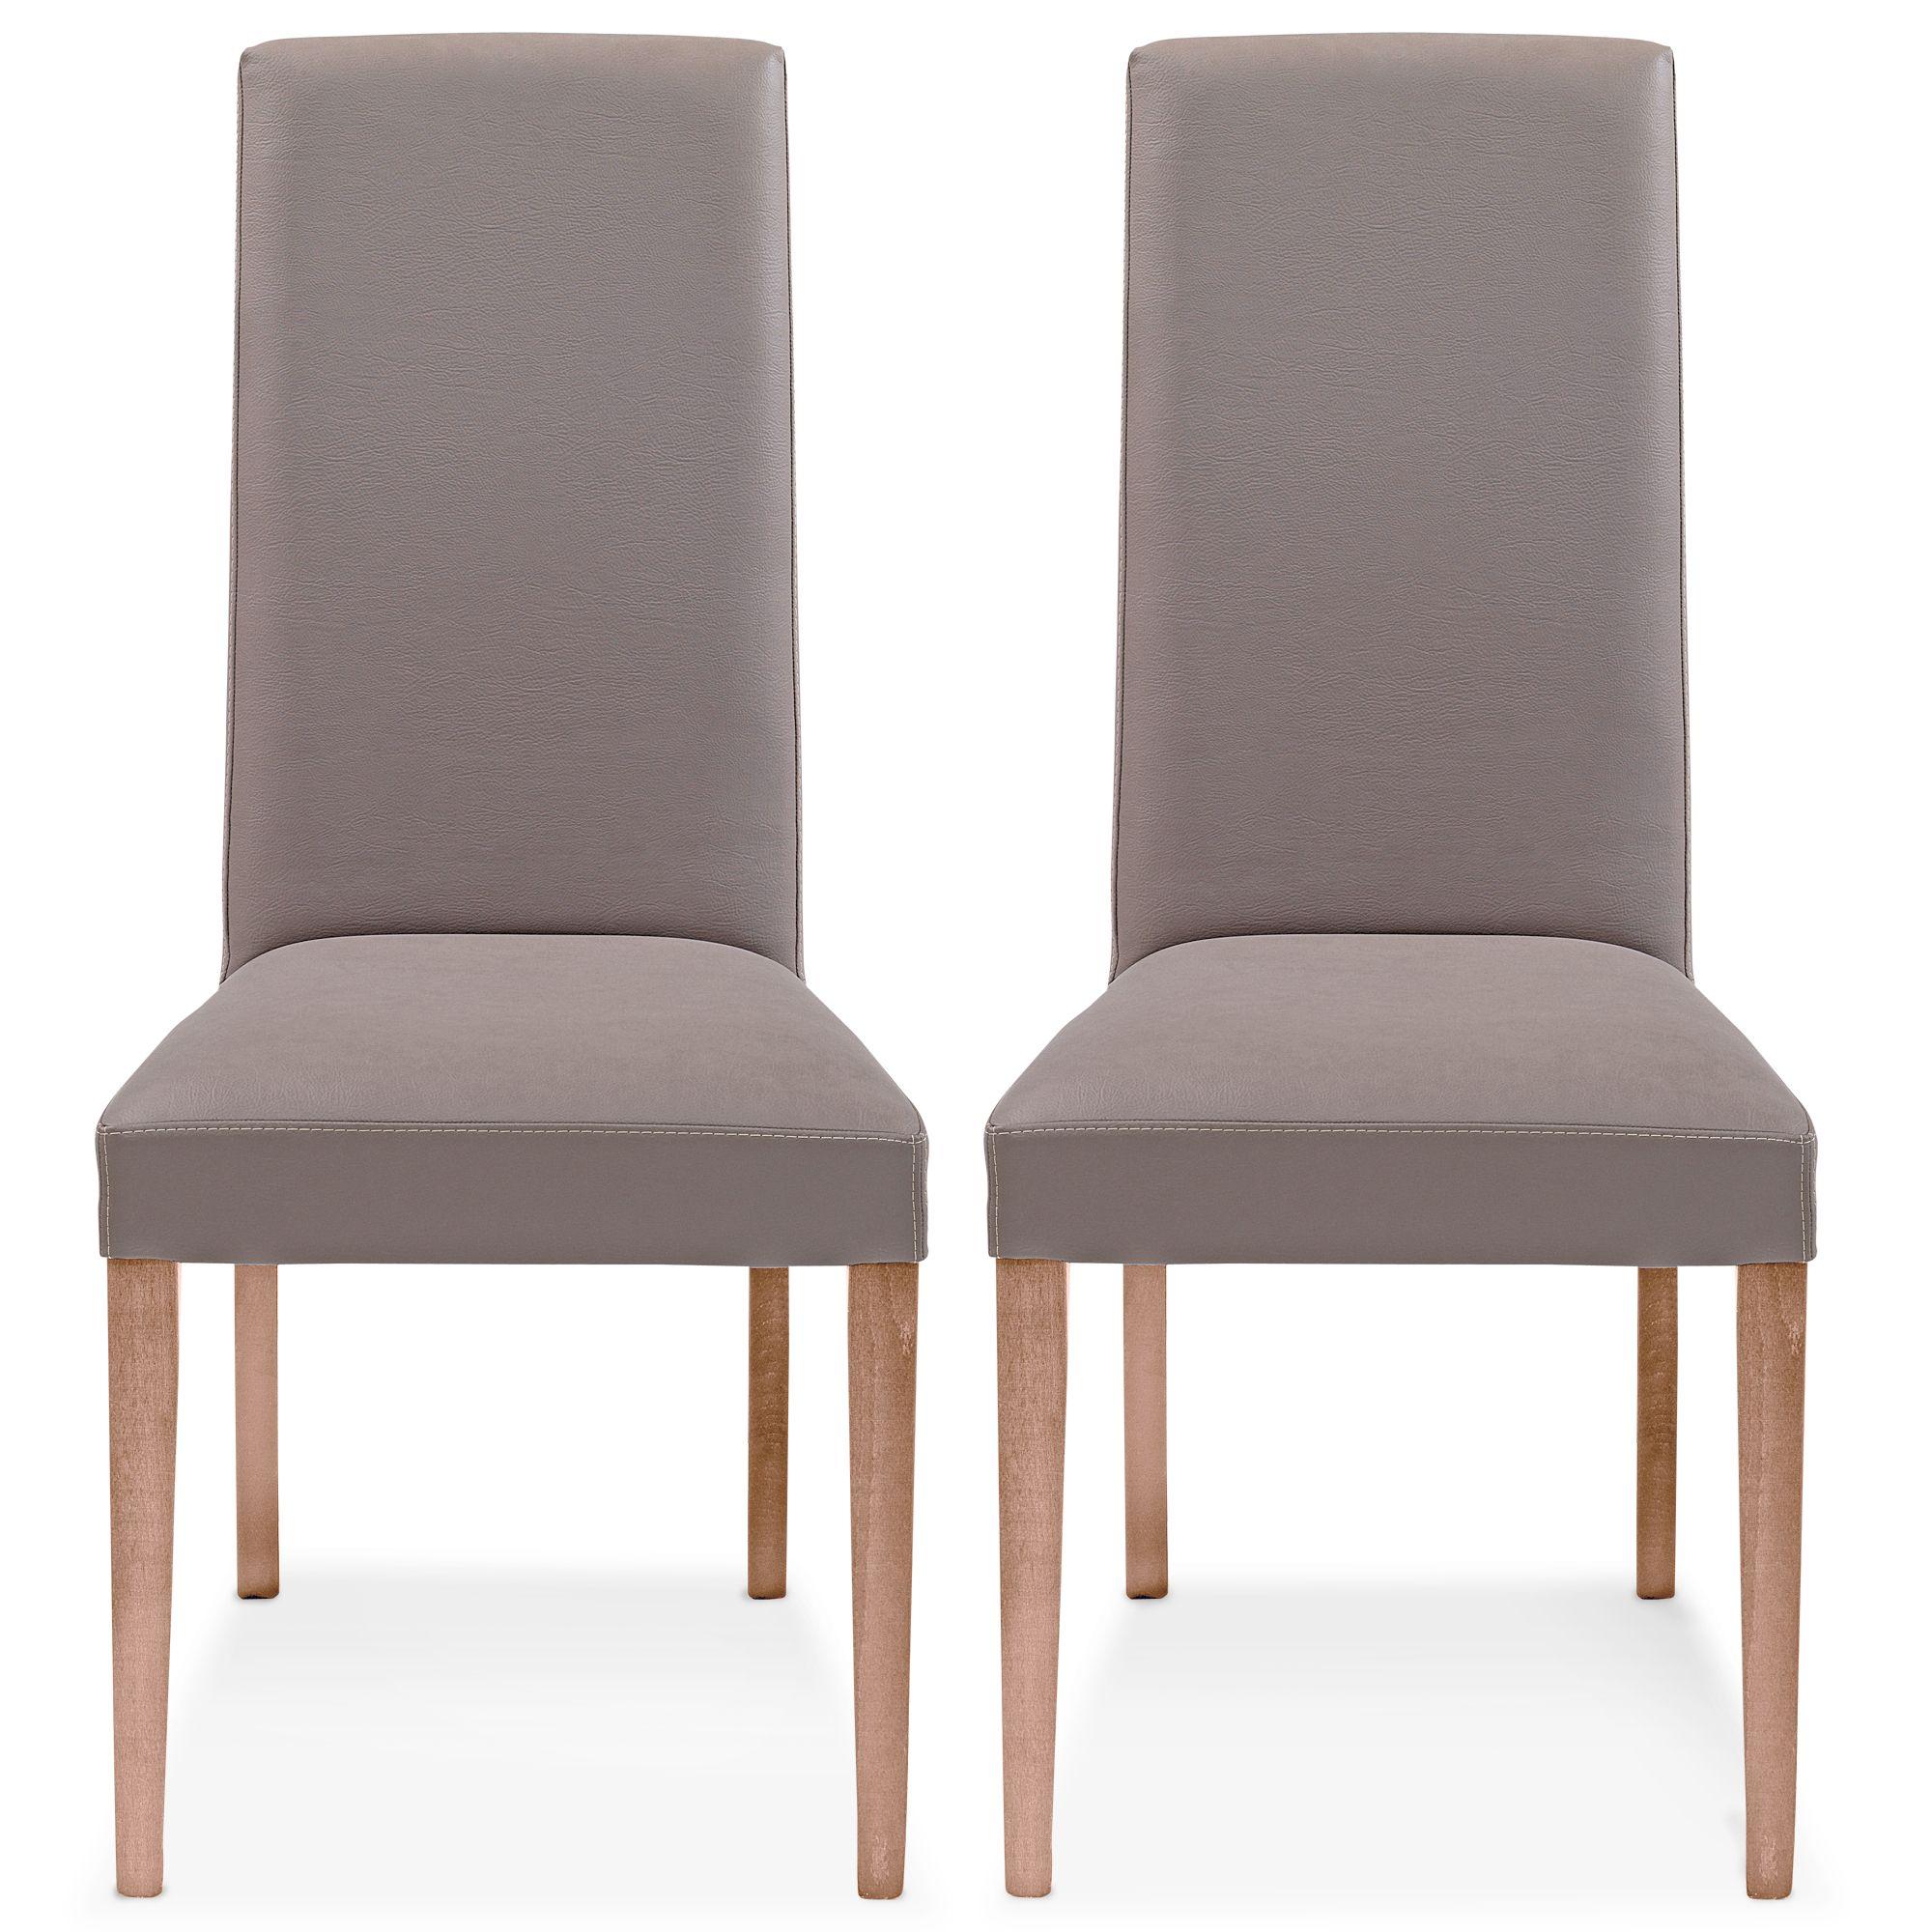 78659eee70d6d318708ce04f92972ccb Frais De Conforama Table Chaise Des Idées